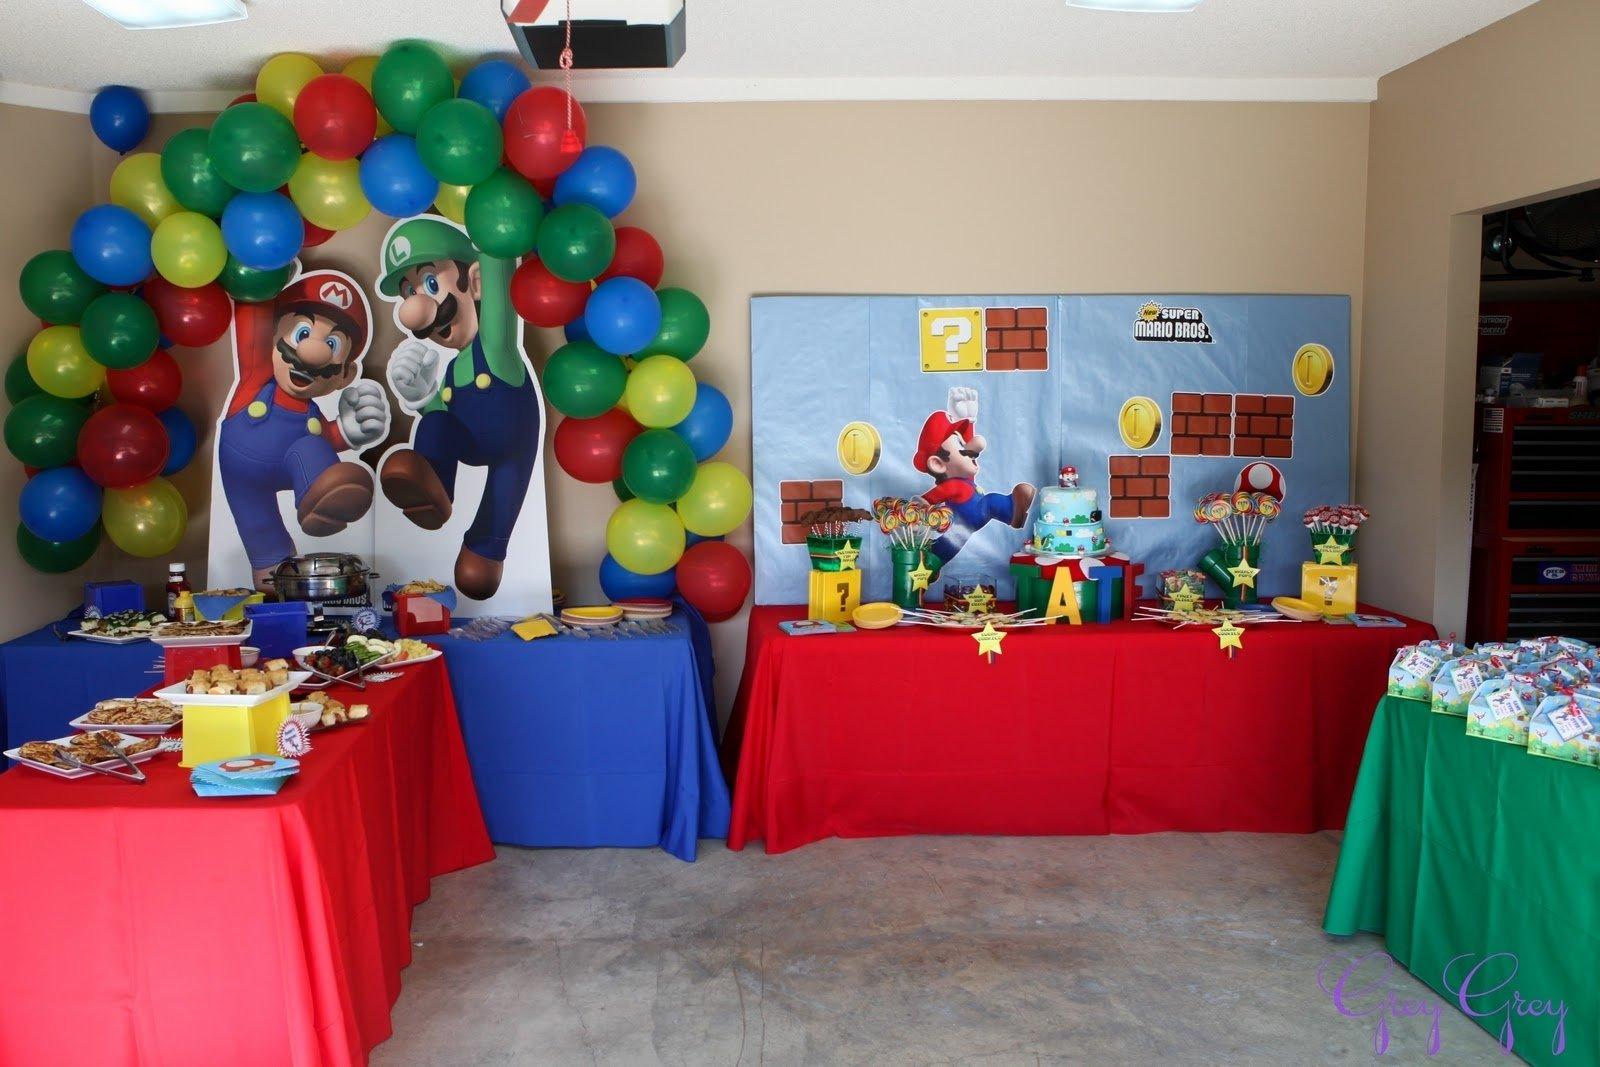 10 Famous Super Mario Bros Party Ideas greygrey designs my parties super mario birthday party 1 2021